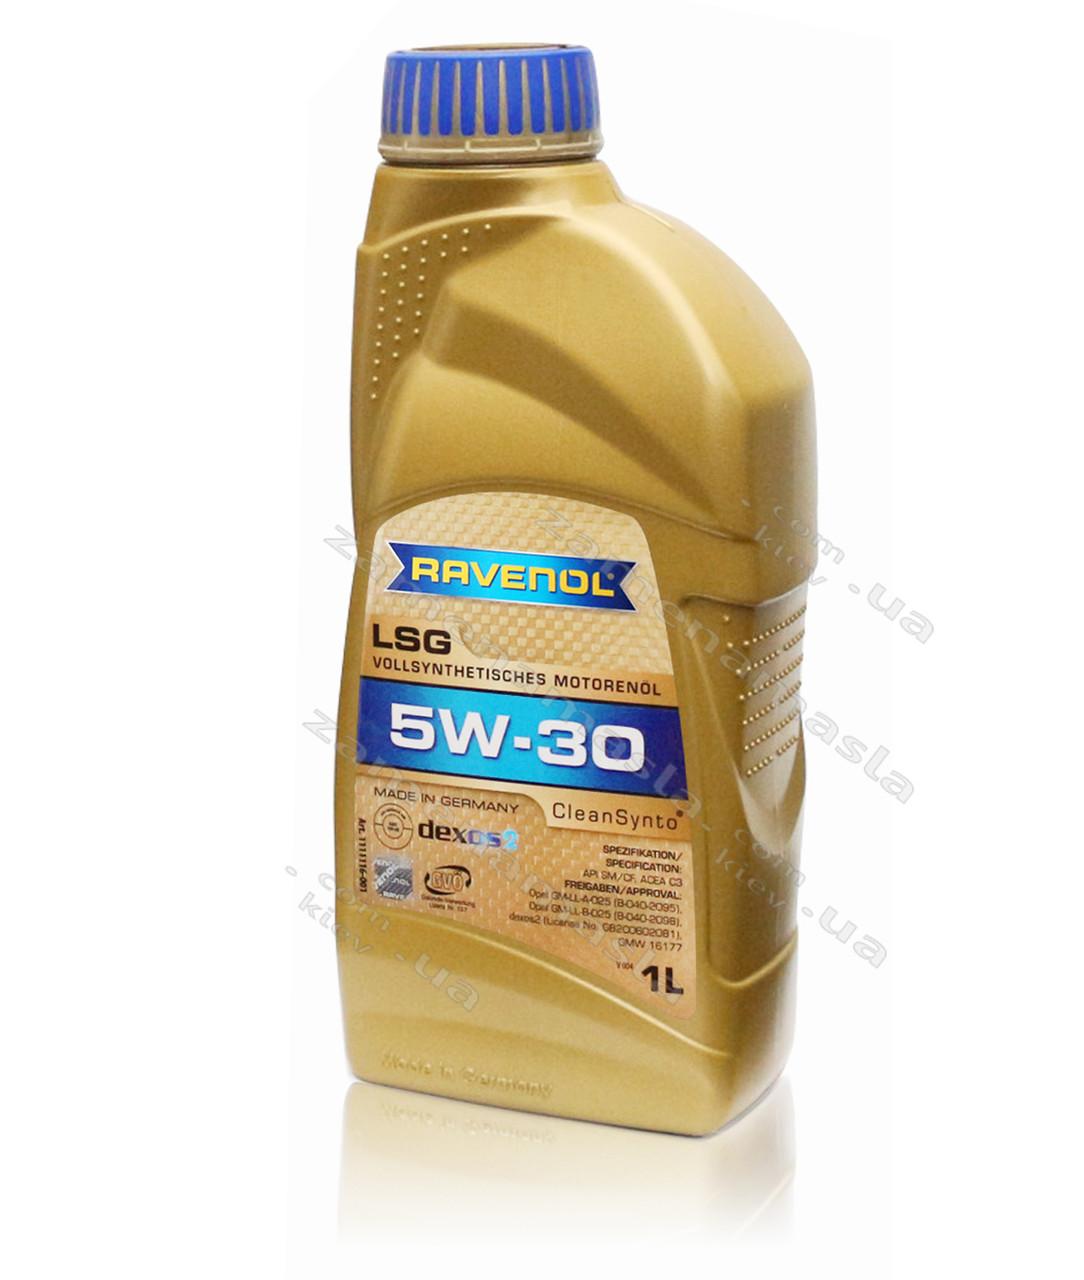 Ravenol LSG 5W-30 1л - моторное масло